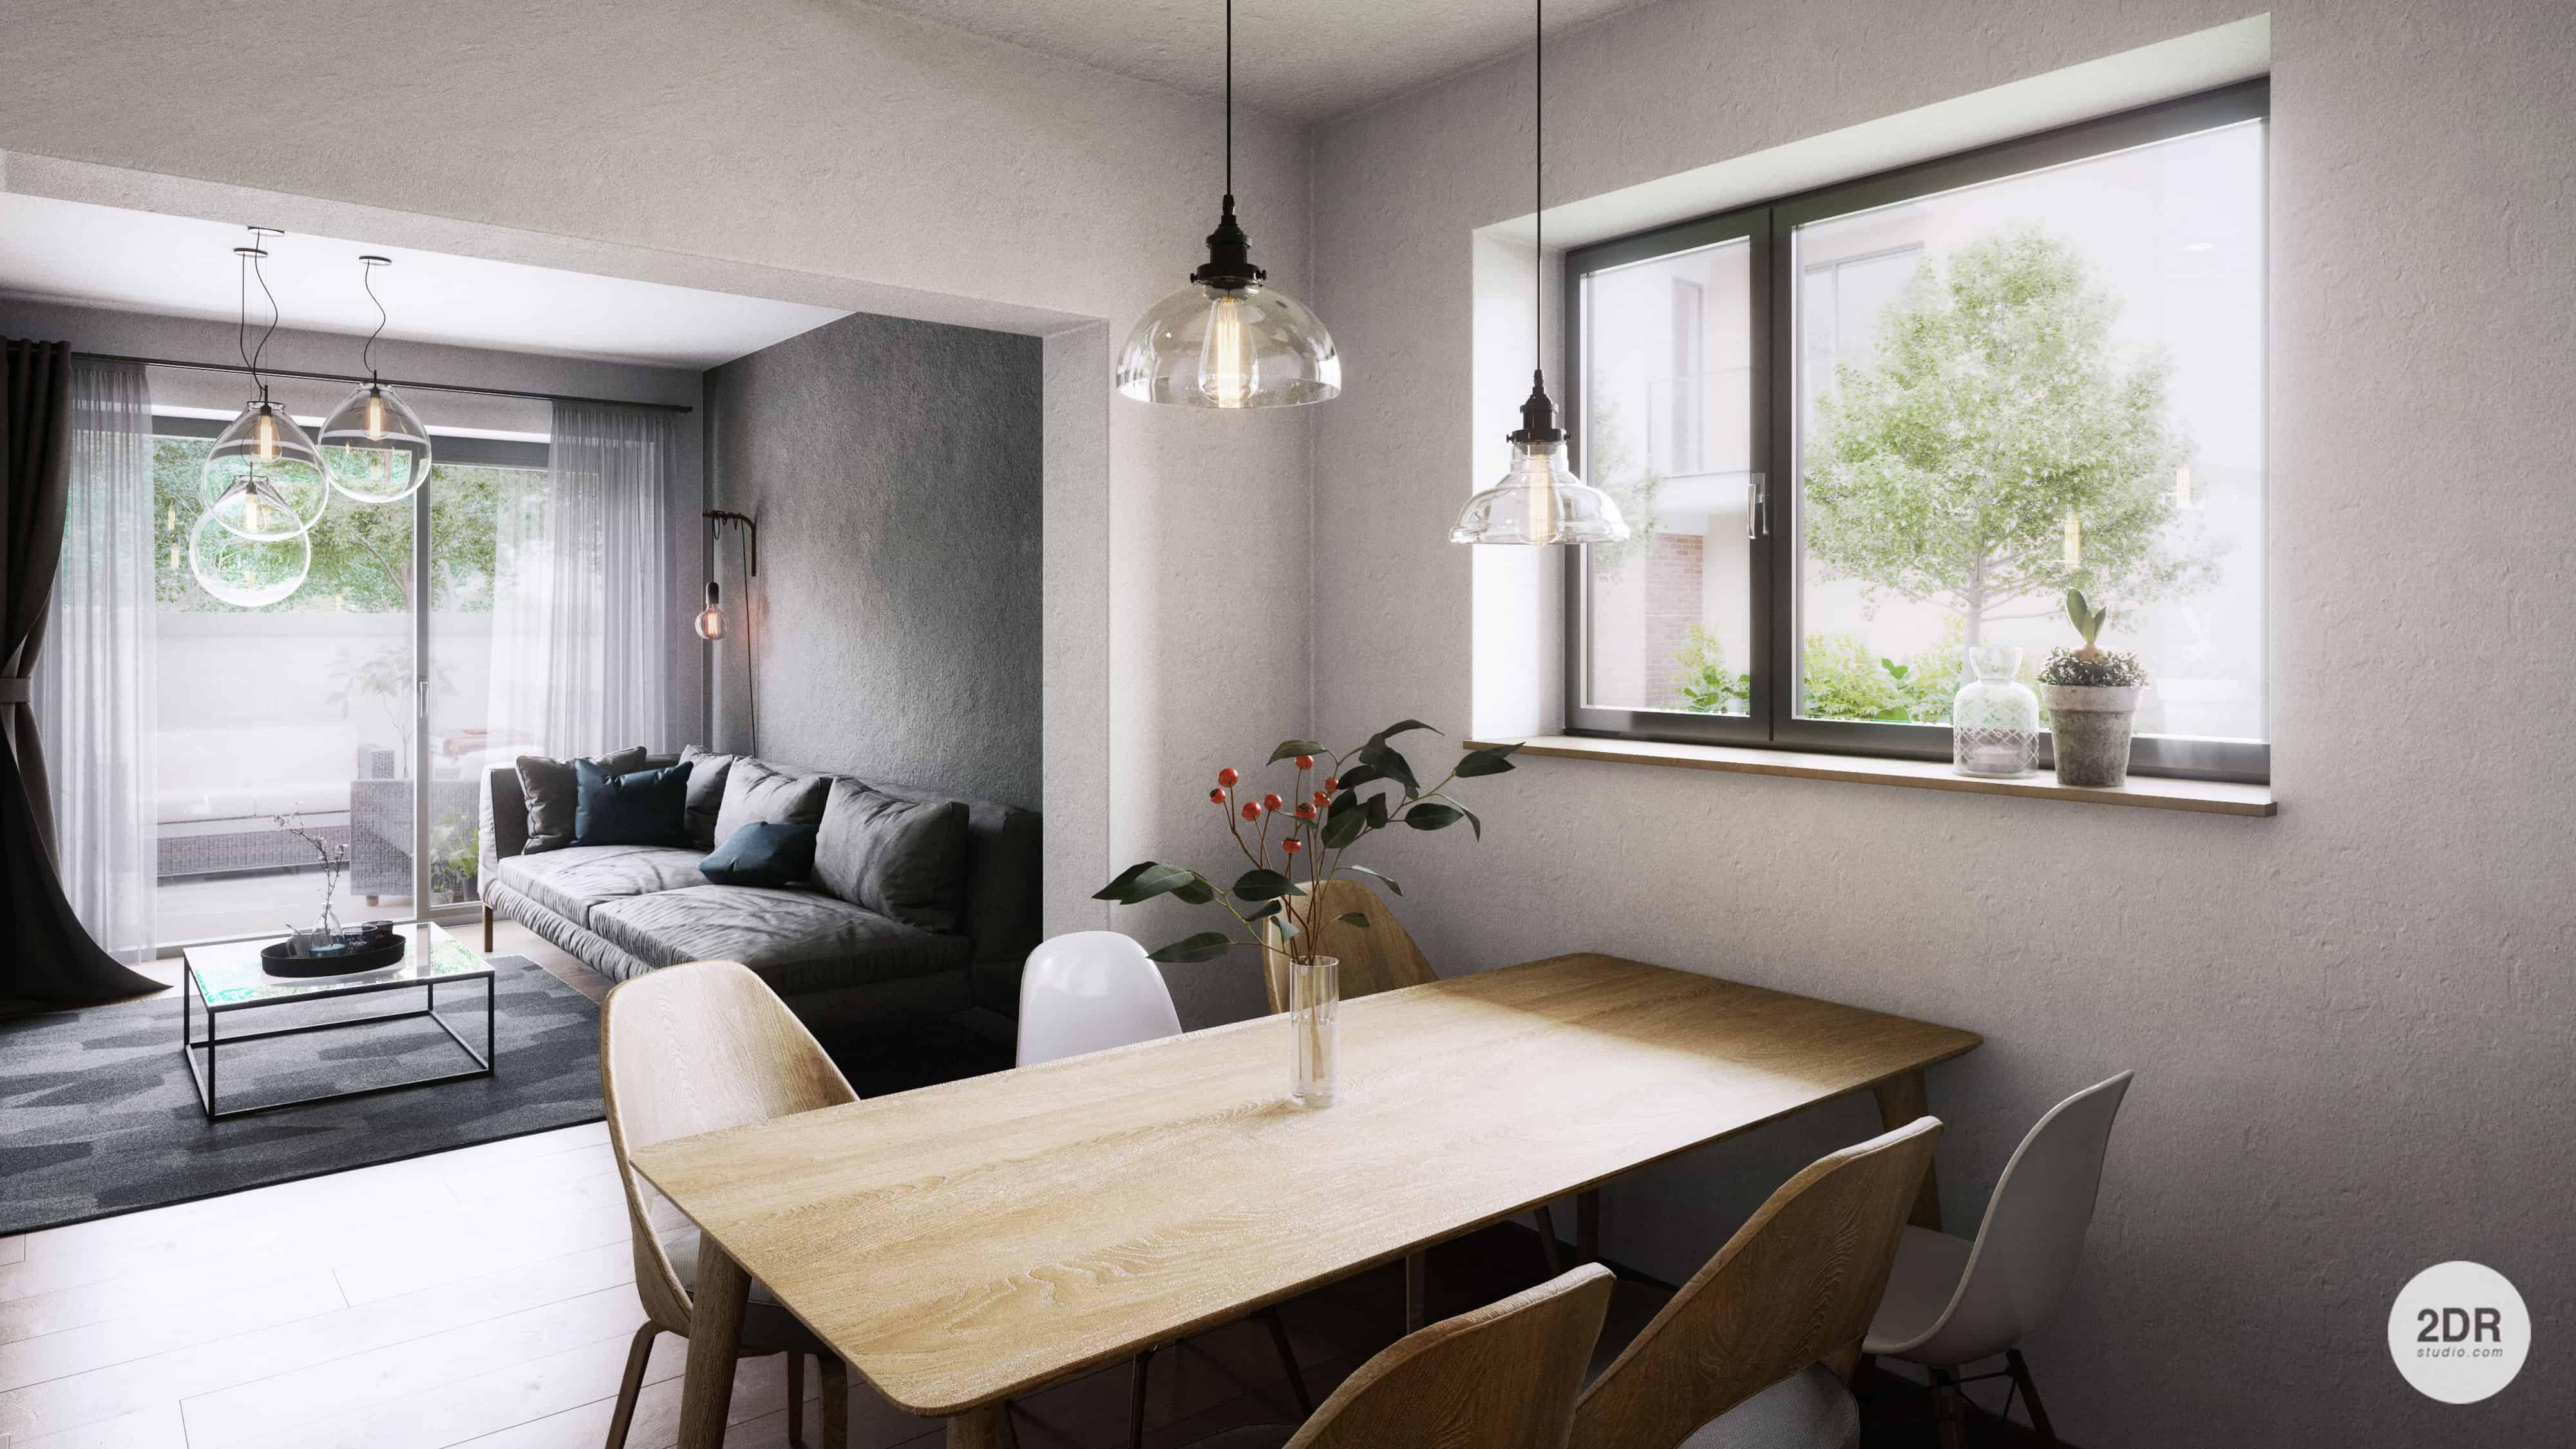 obyvaci-pokoj-bytove-domy-budova-interier-plzen-architektonicka-vizualizace1